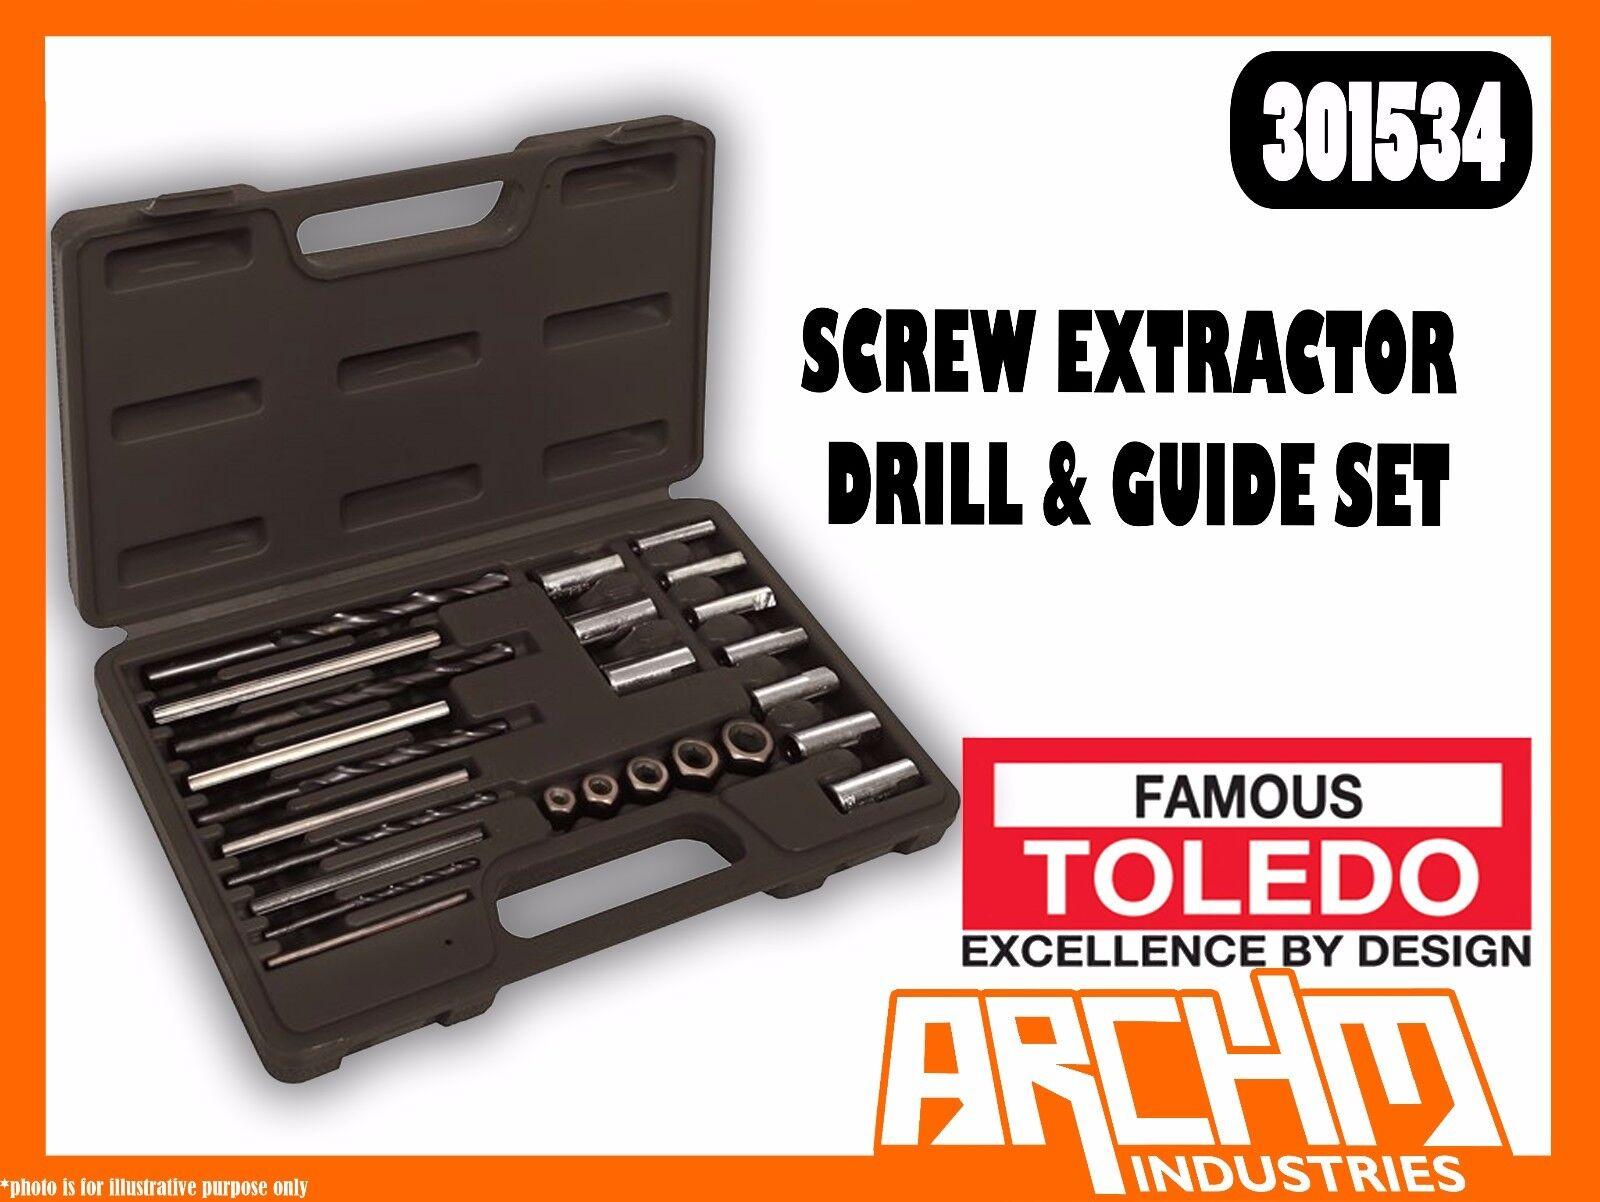 TOLEDO 301534 - SCREW EXTRACTOR DRILL & GUIDE SET - BROKEN STUBBORN STUDS SCREWS